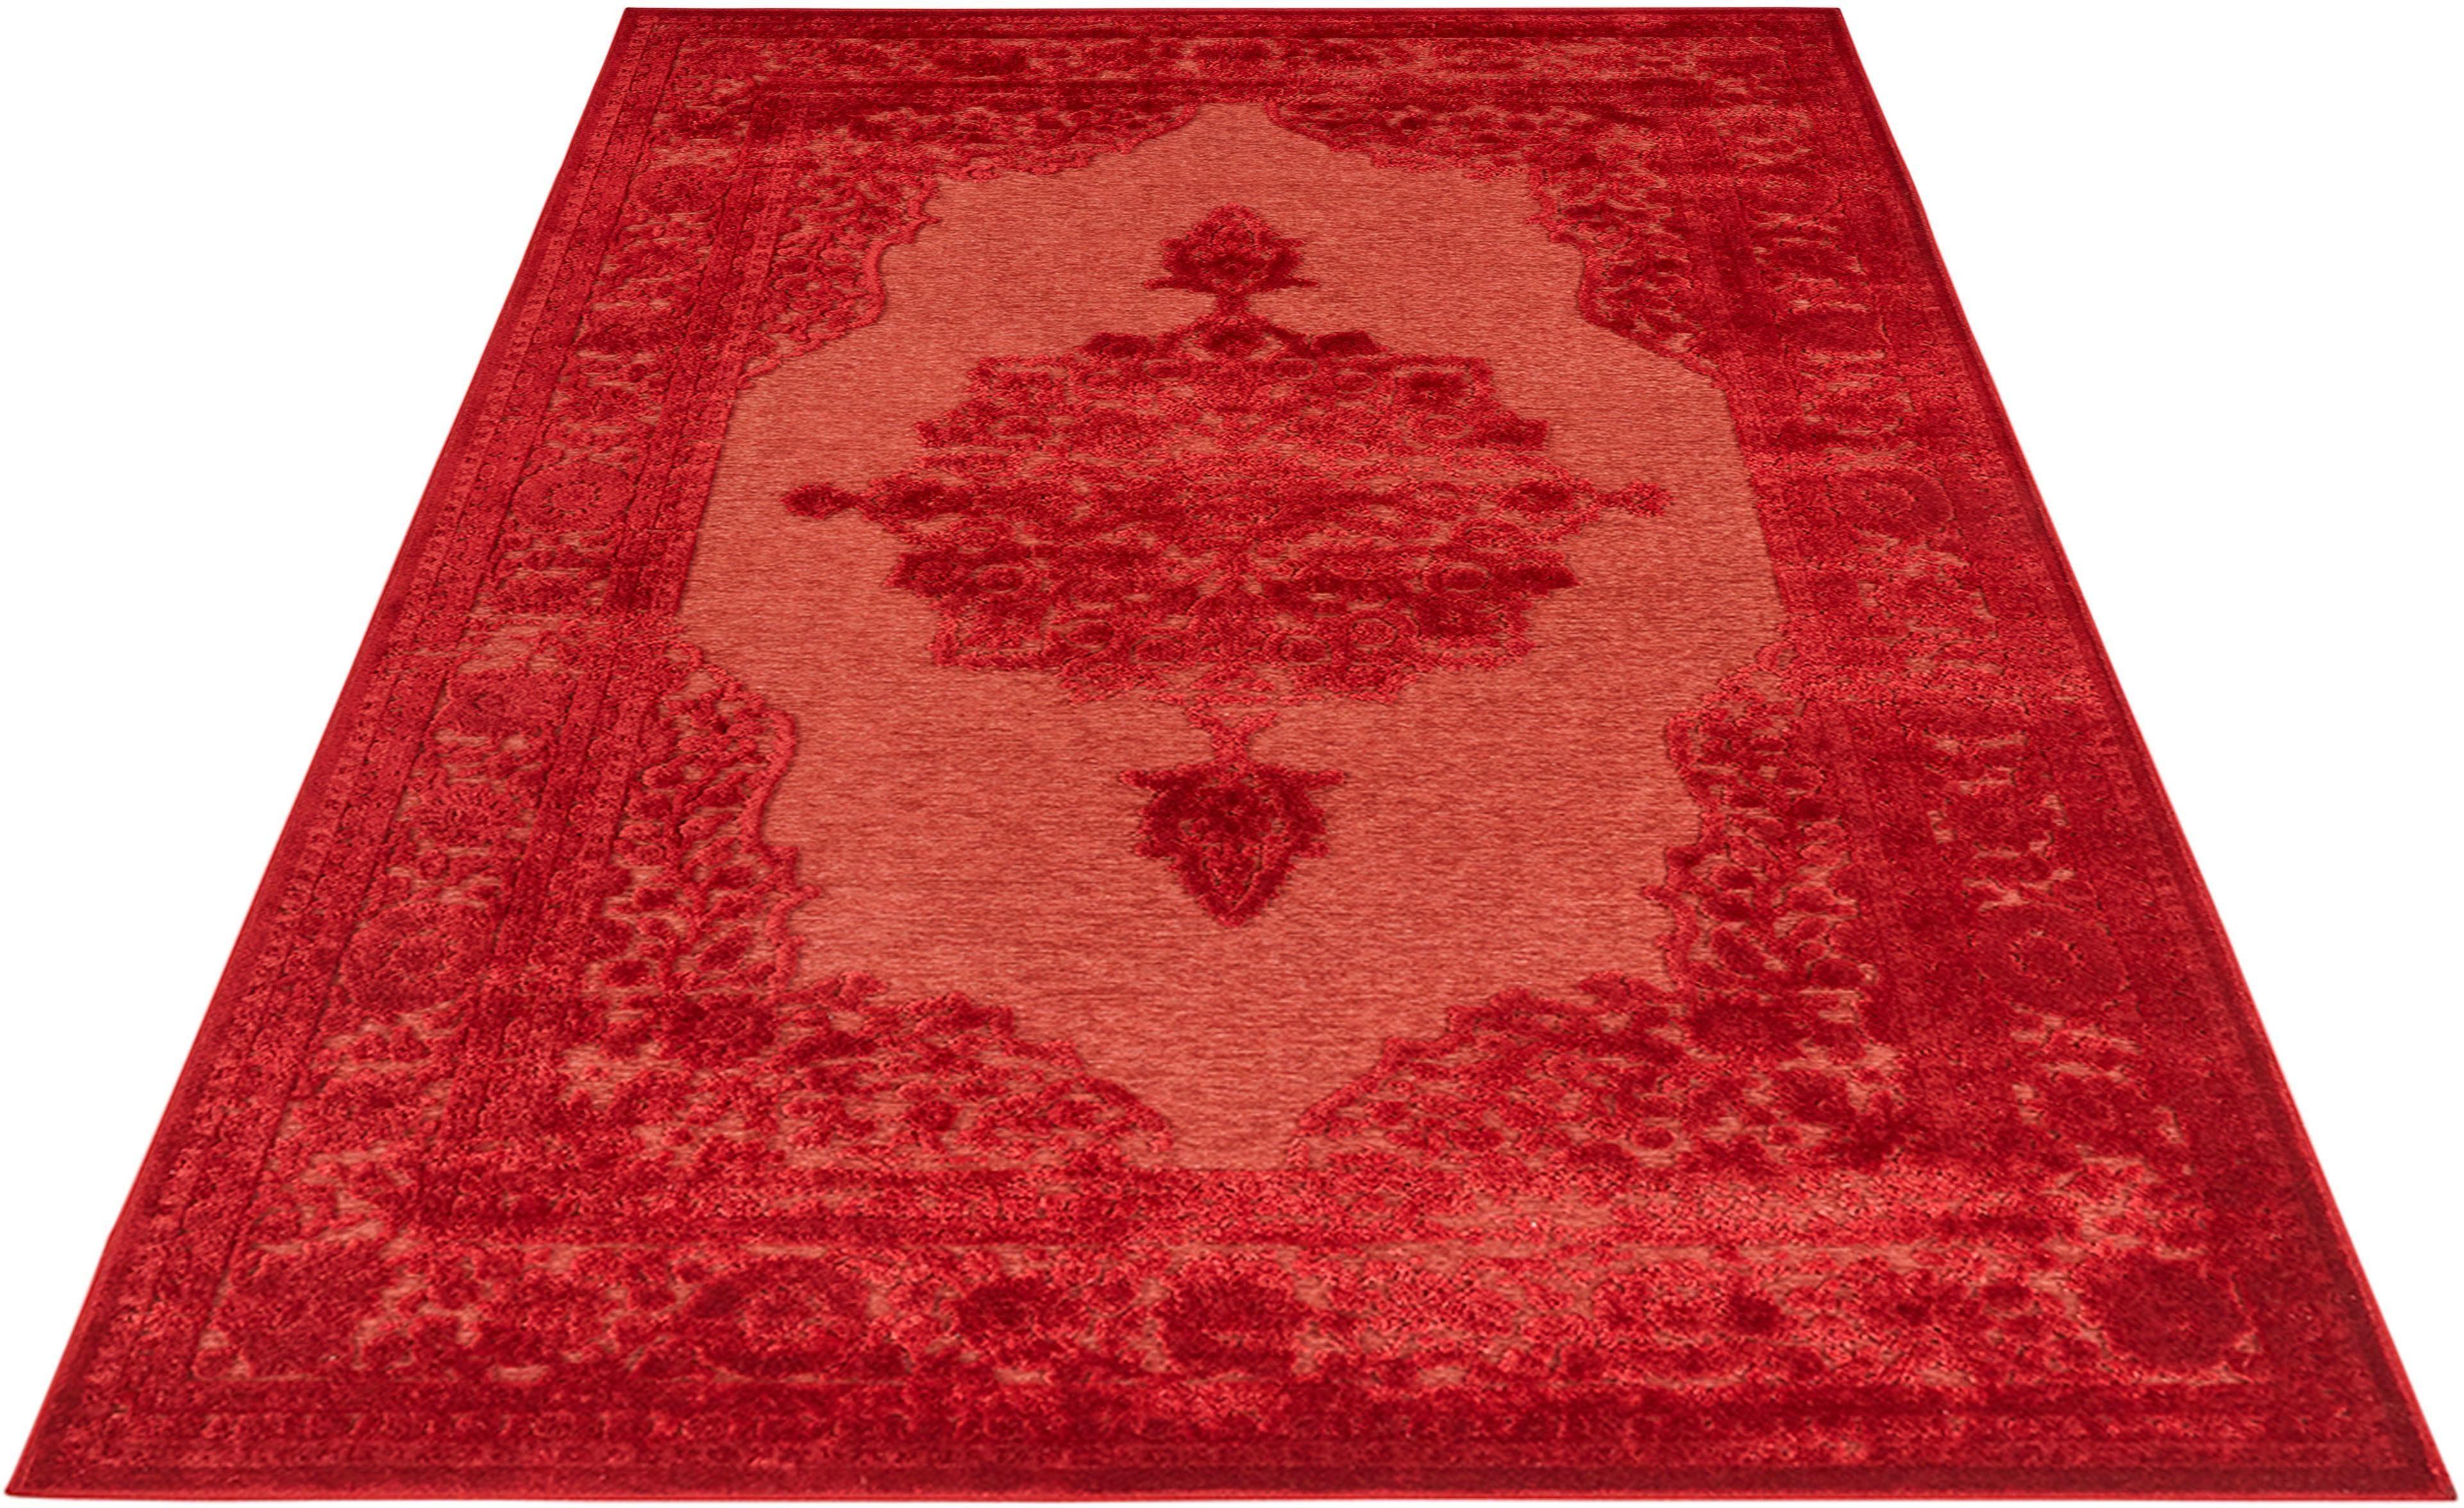 Teppich Willow MINT RUGS rechteckig Höhe 4 mm maschinell gewebt